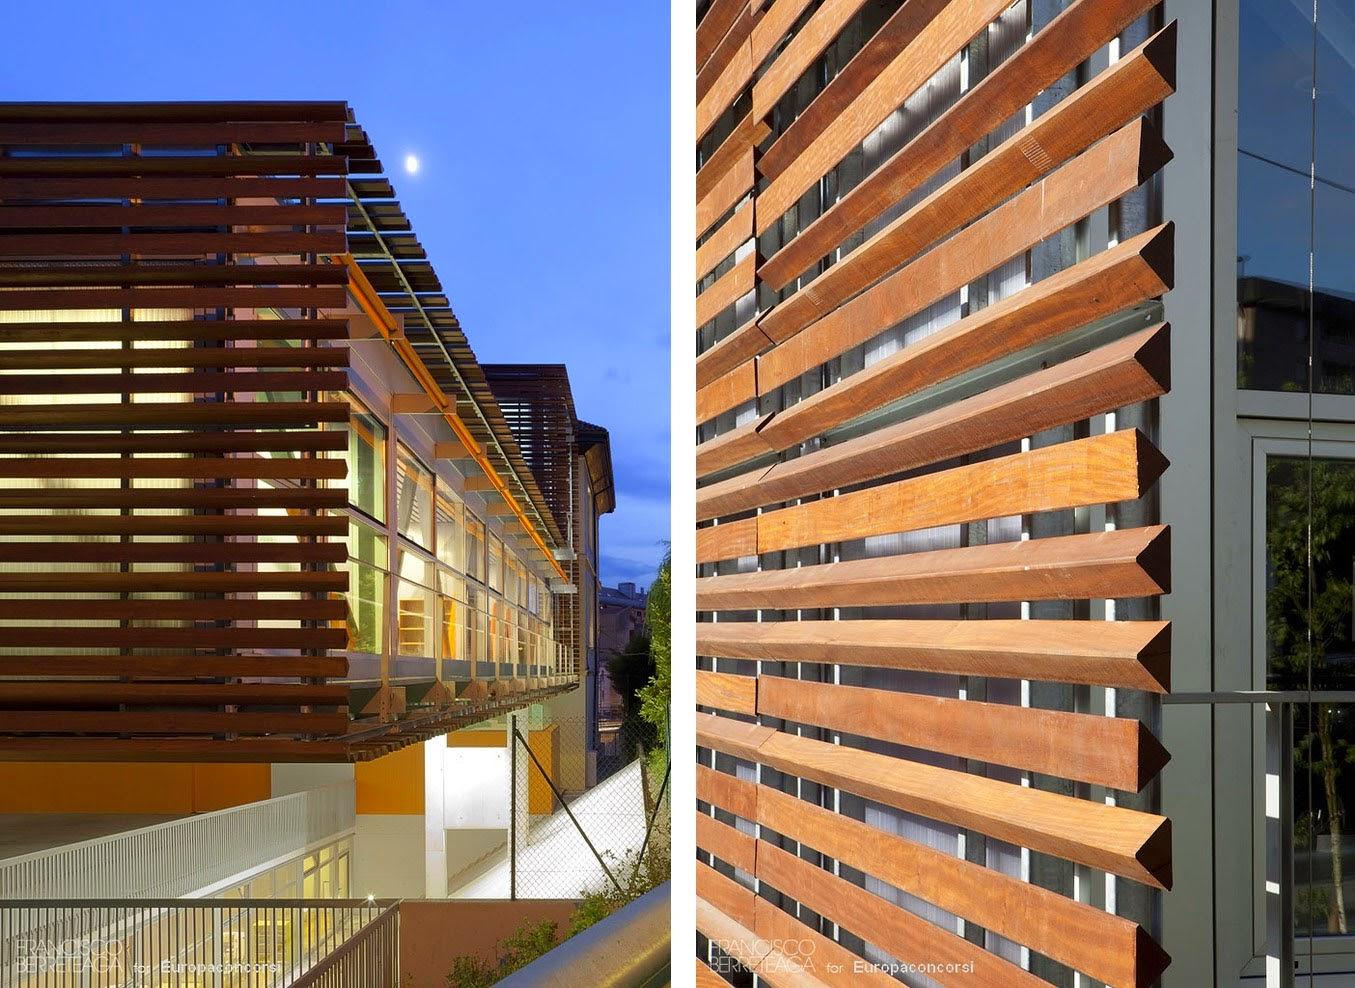 Arquitectura dise o interior persianas de madera en el - Imitacion madera para fachadas ...